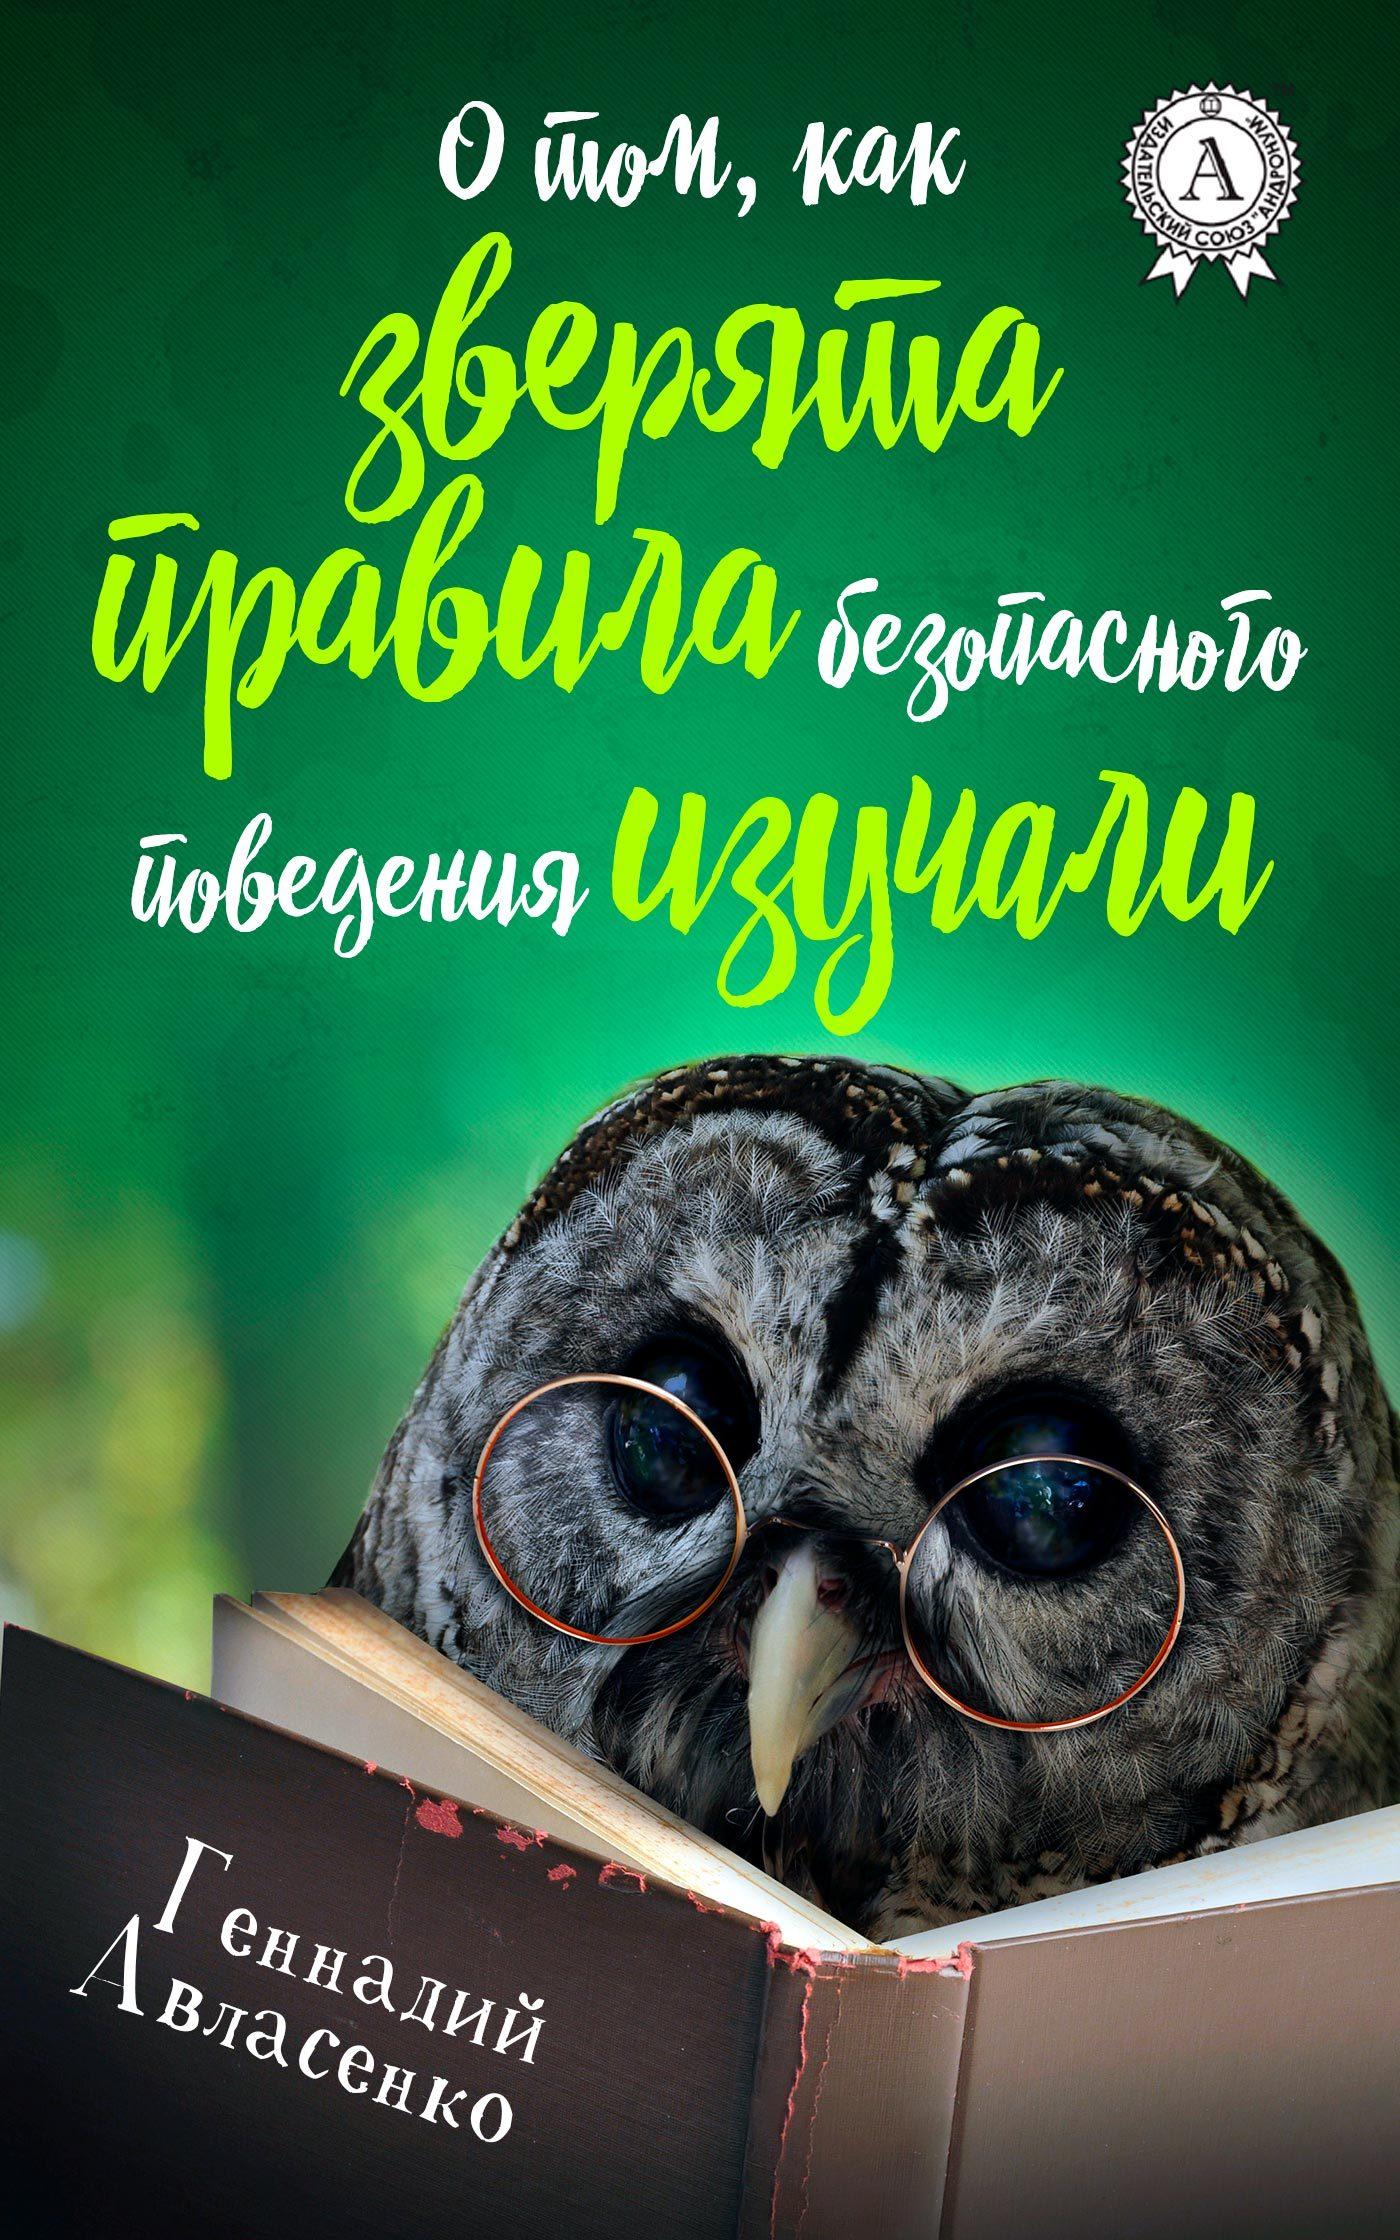 Геннадий Авласенко О том, как зверята правила безопасного поведения изучали